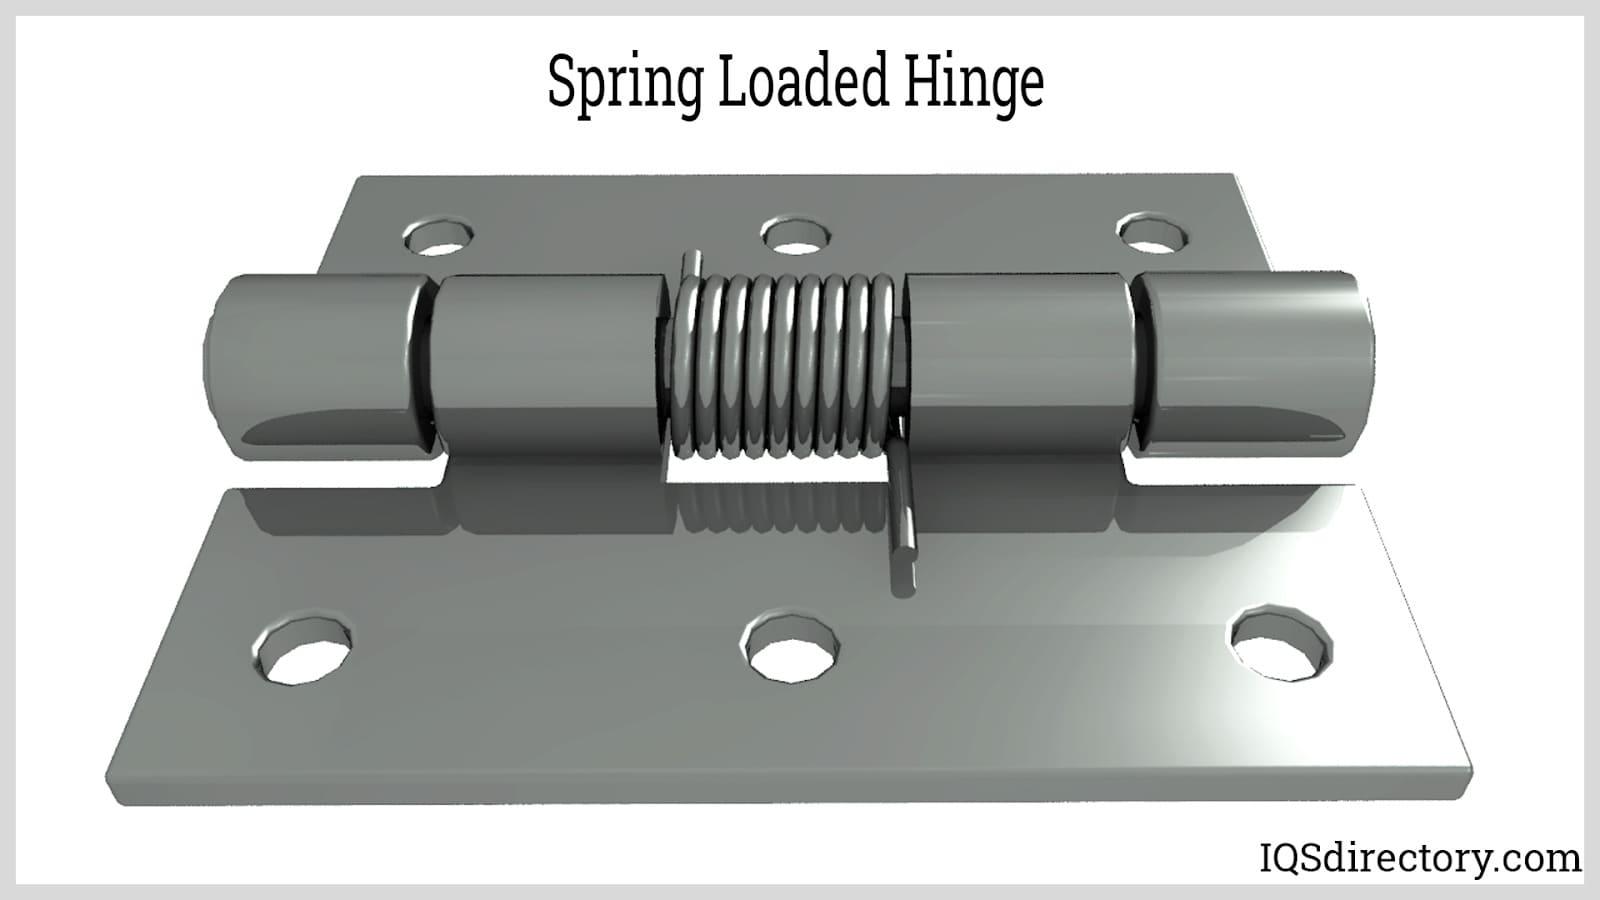 Spring Loaded Hinge